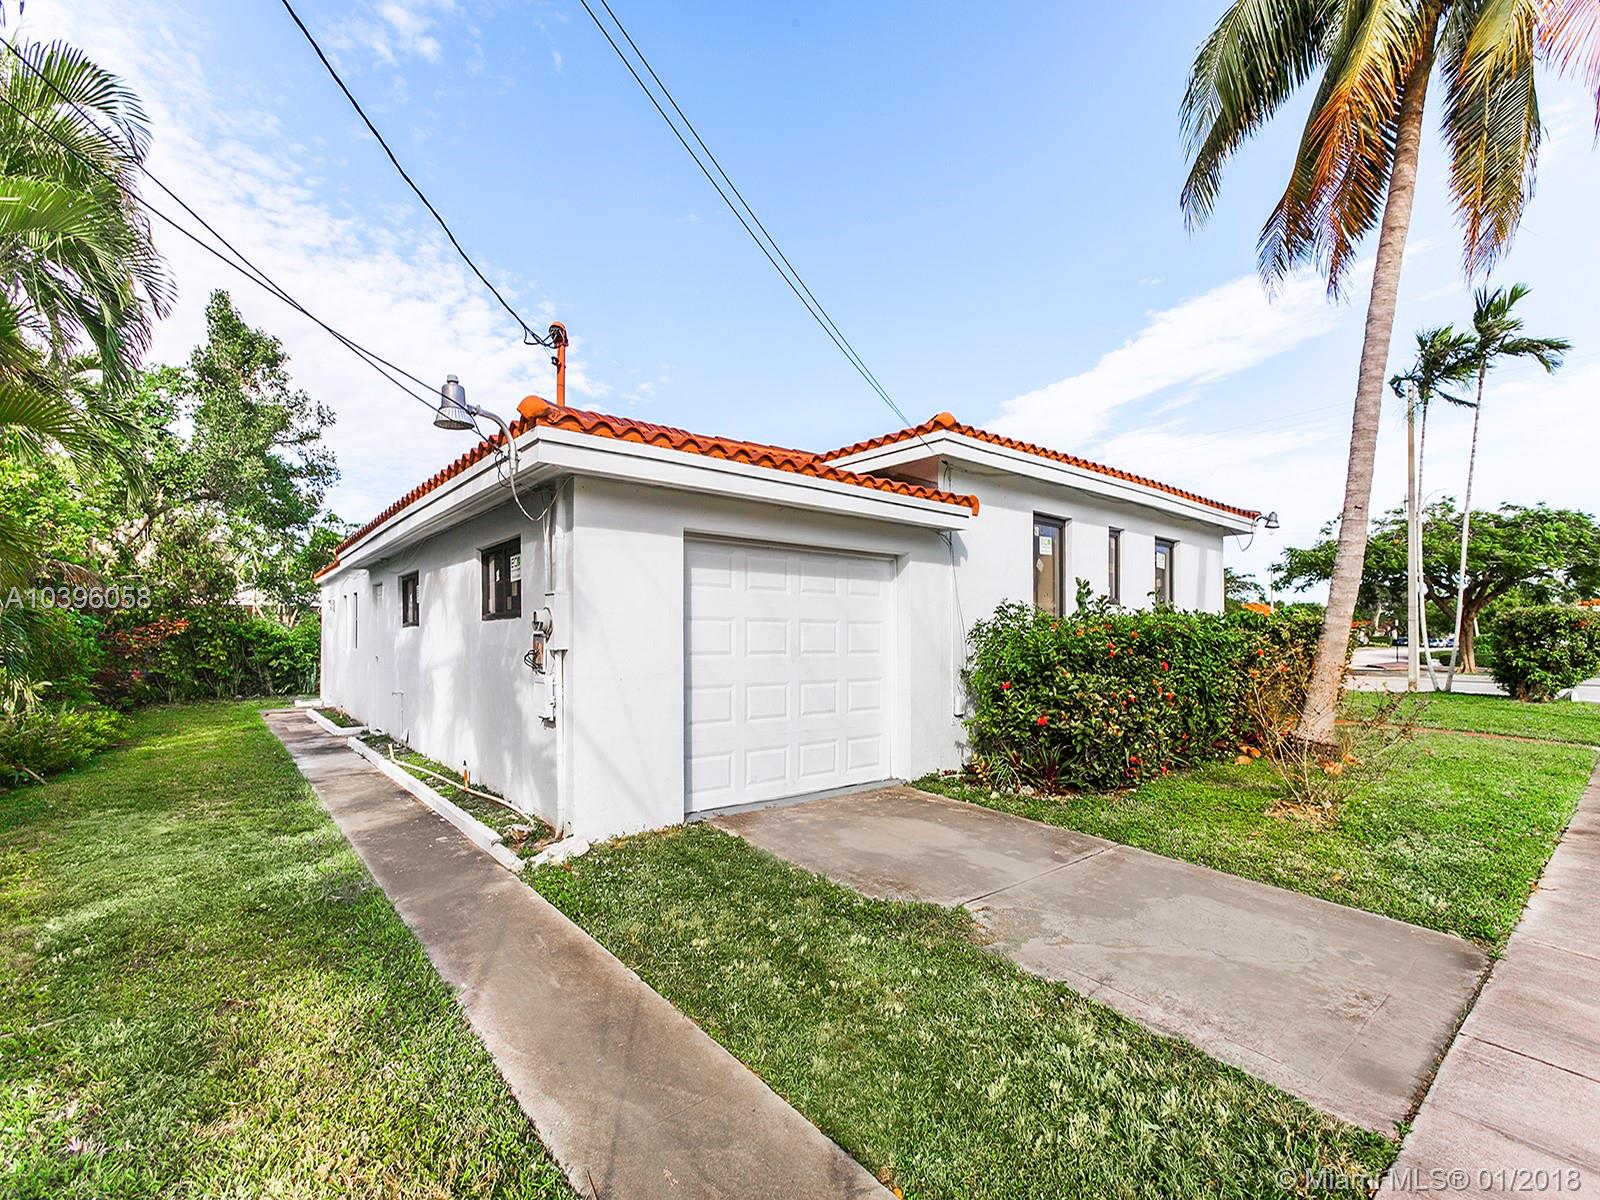 330 Ponce de Leon Blvd, Coral Gables , FL 33134